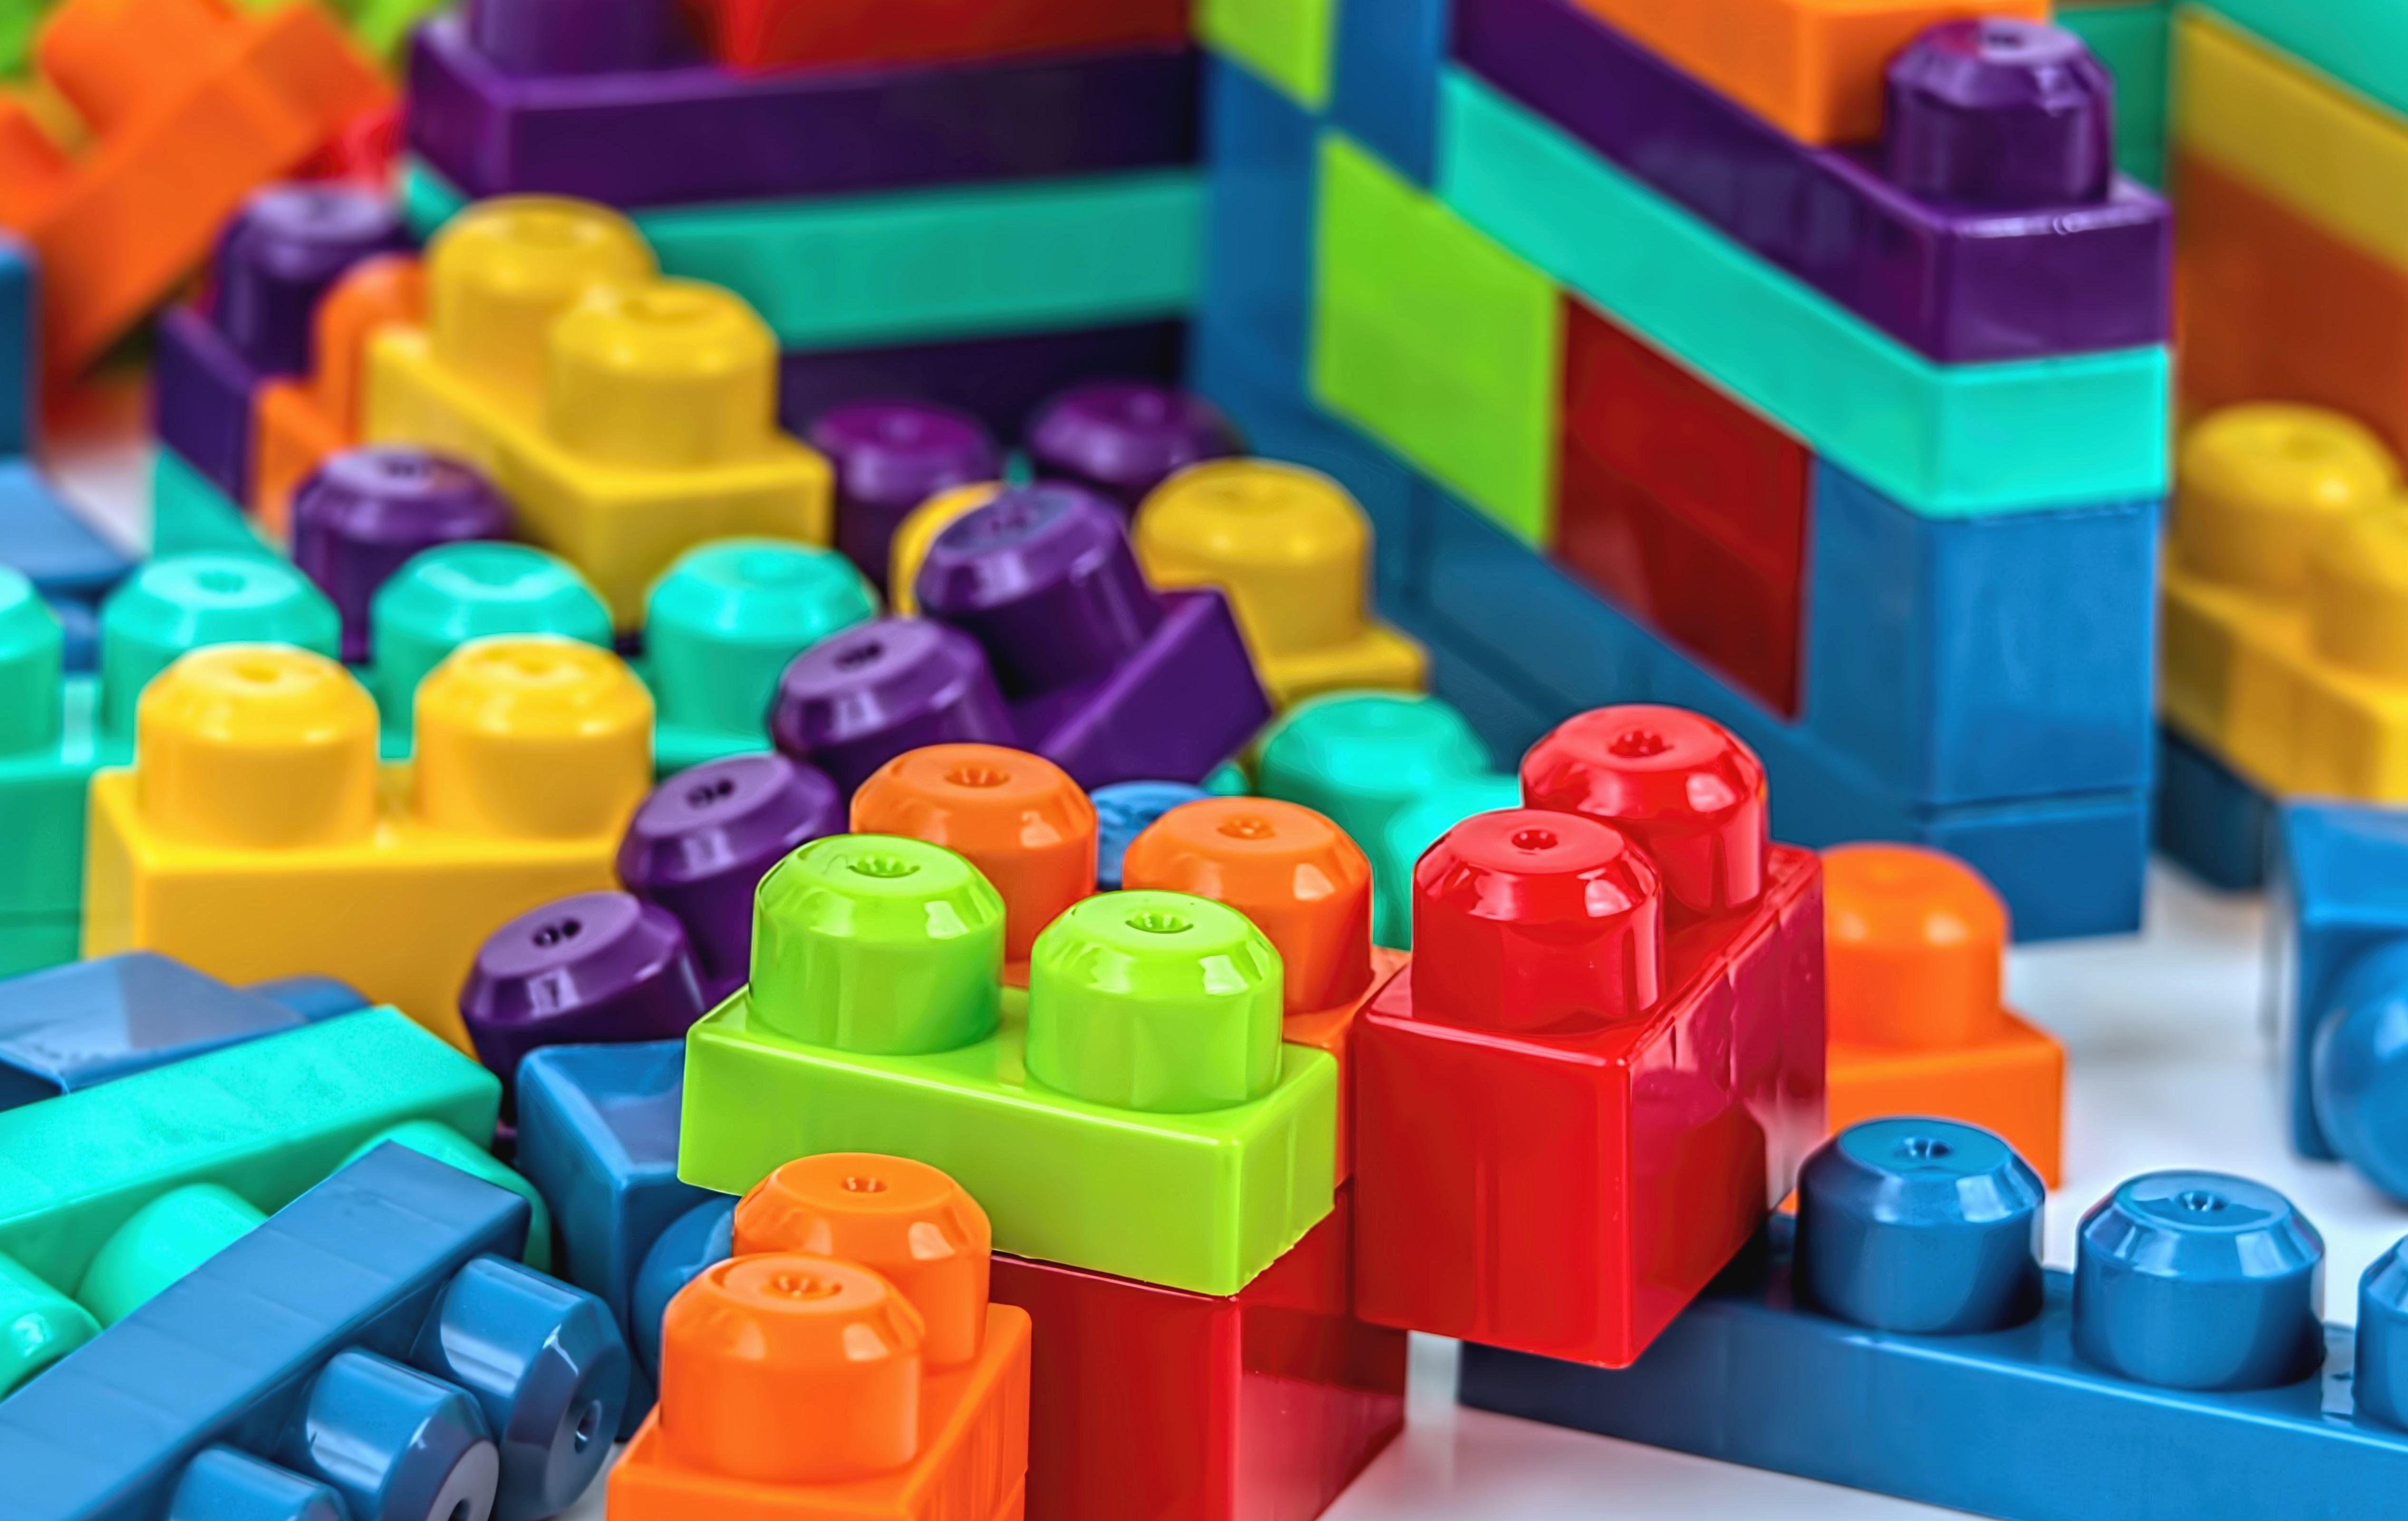 Foto gratis cubo giocattolo colorare colorito bambino